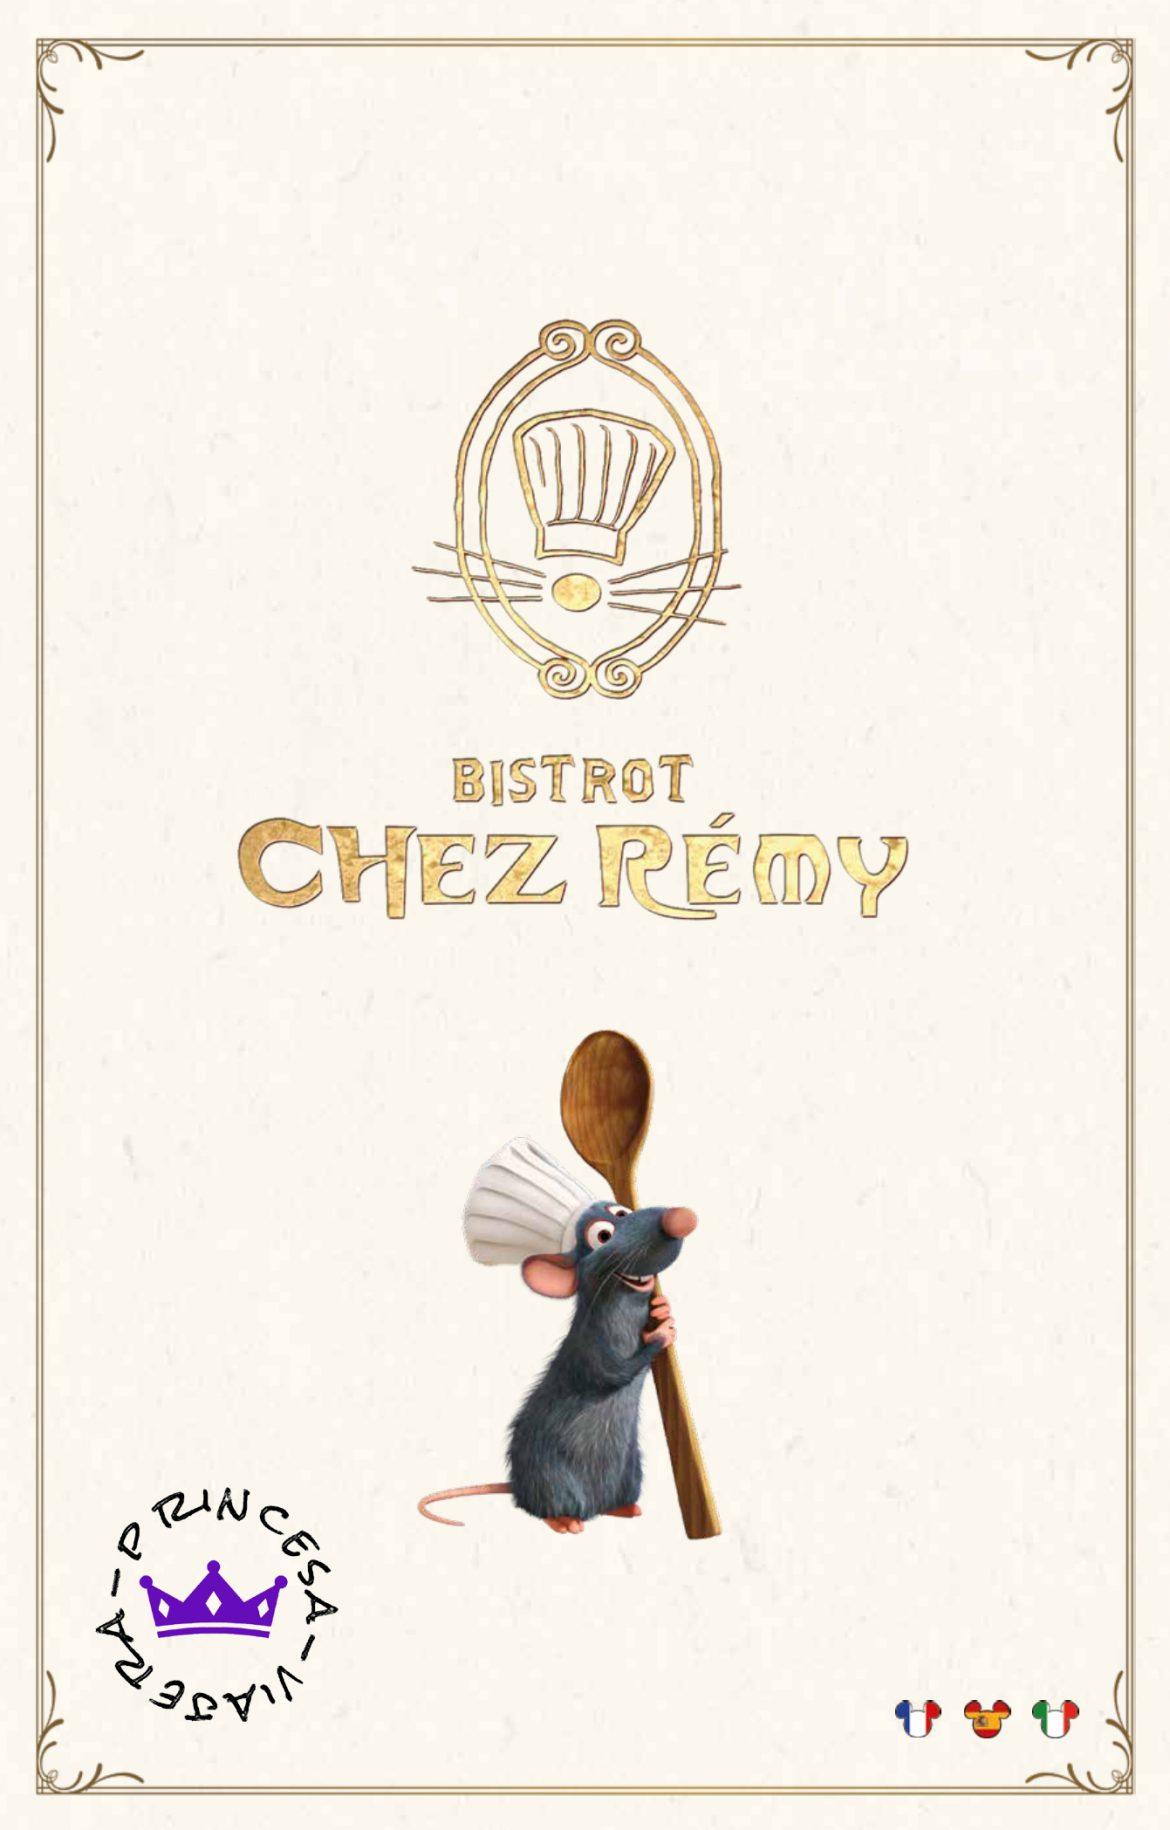 RESTAURANTE CHEZ REMY